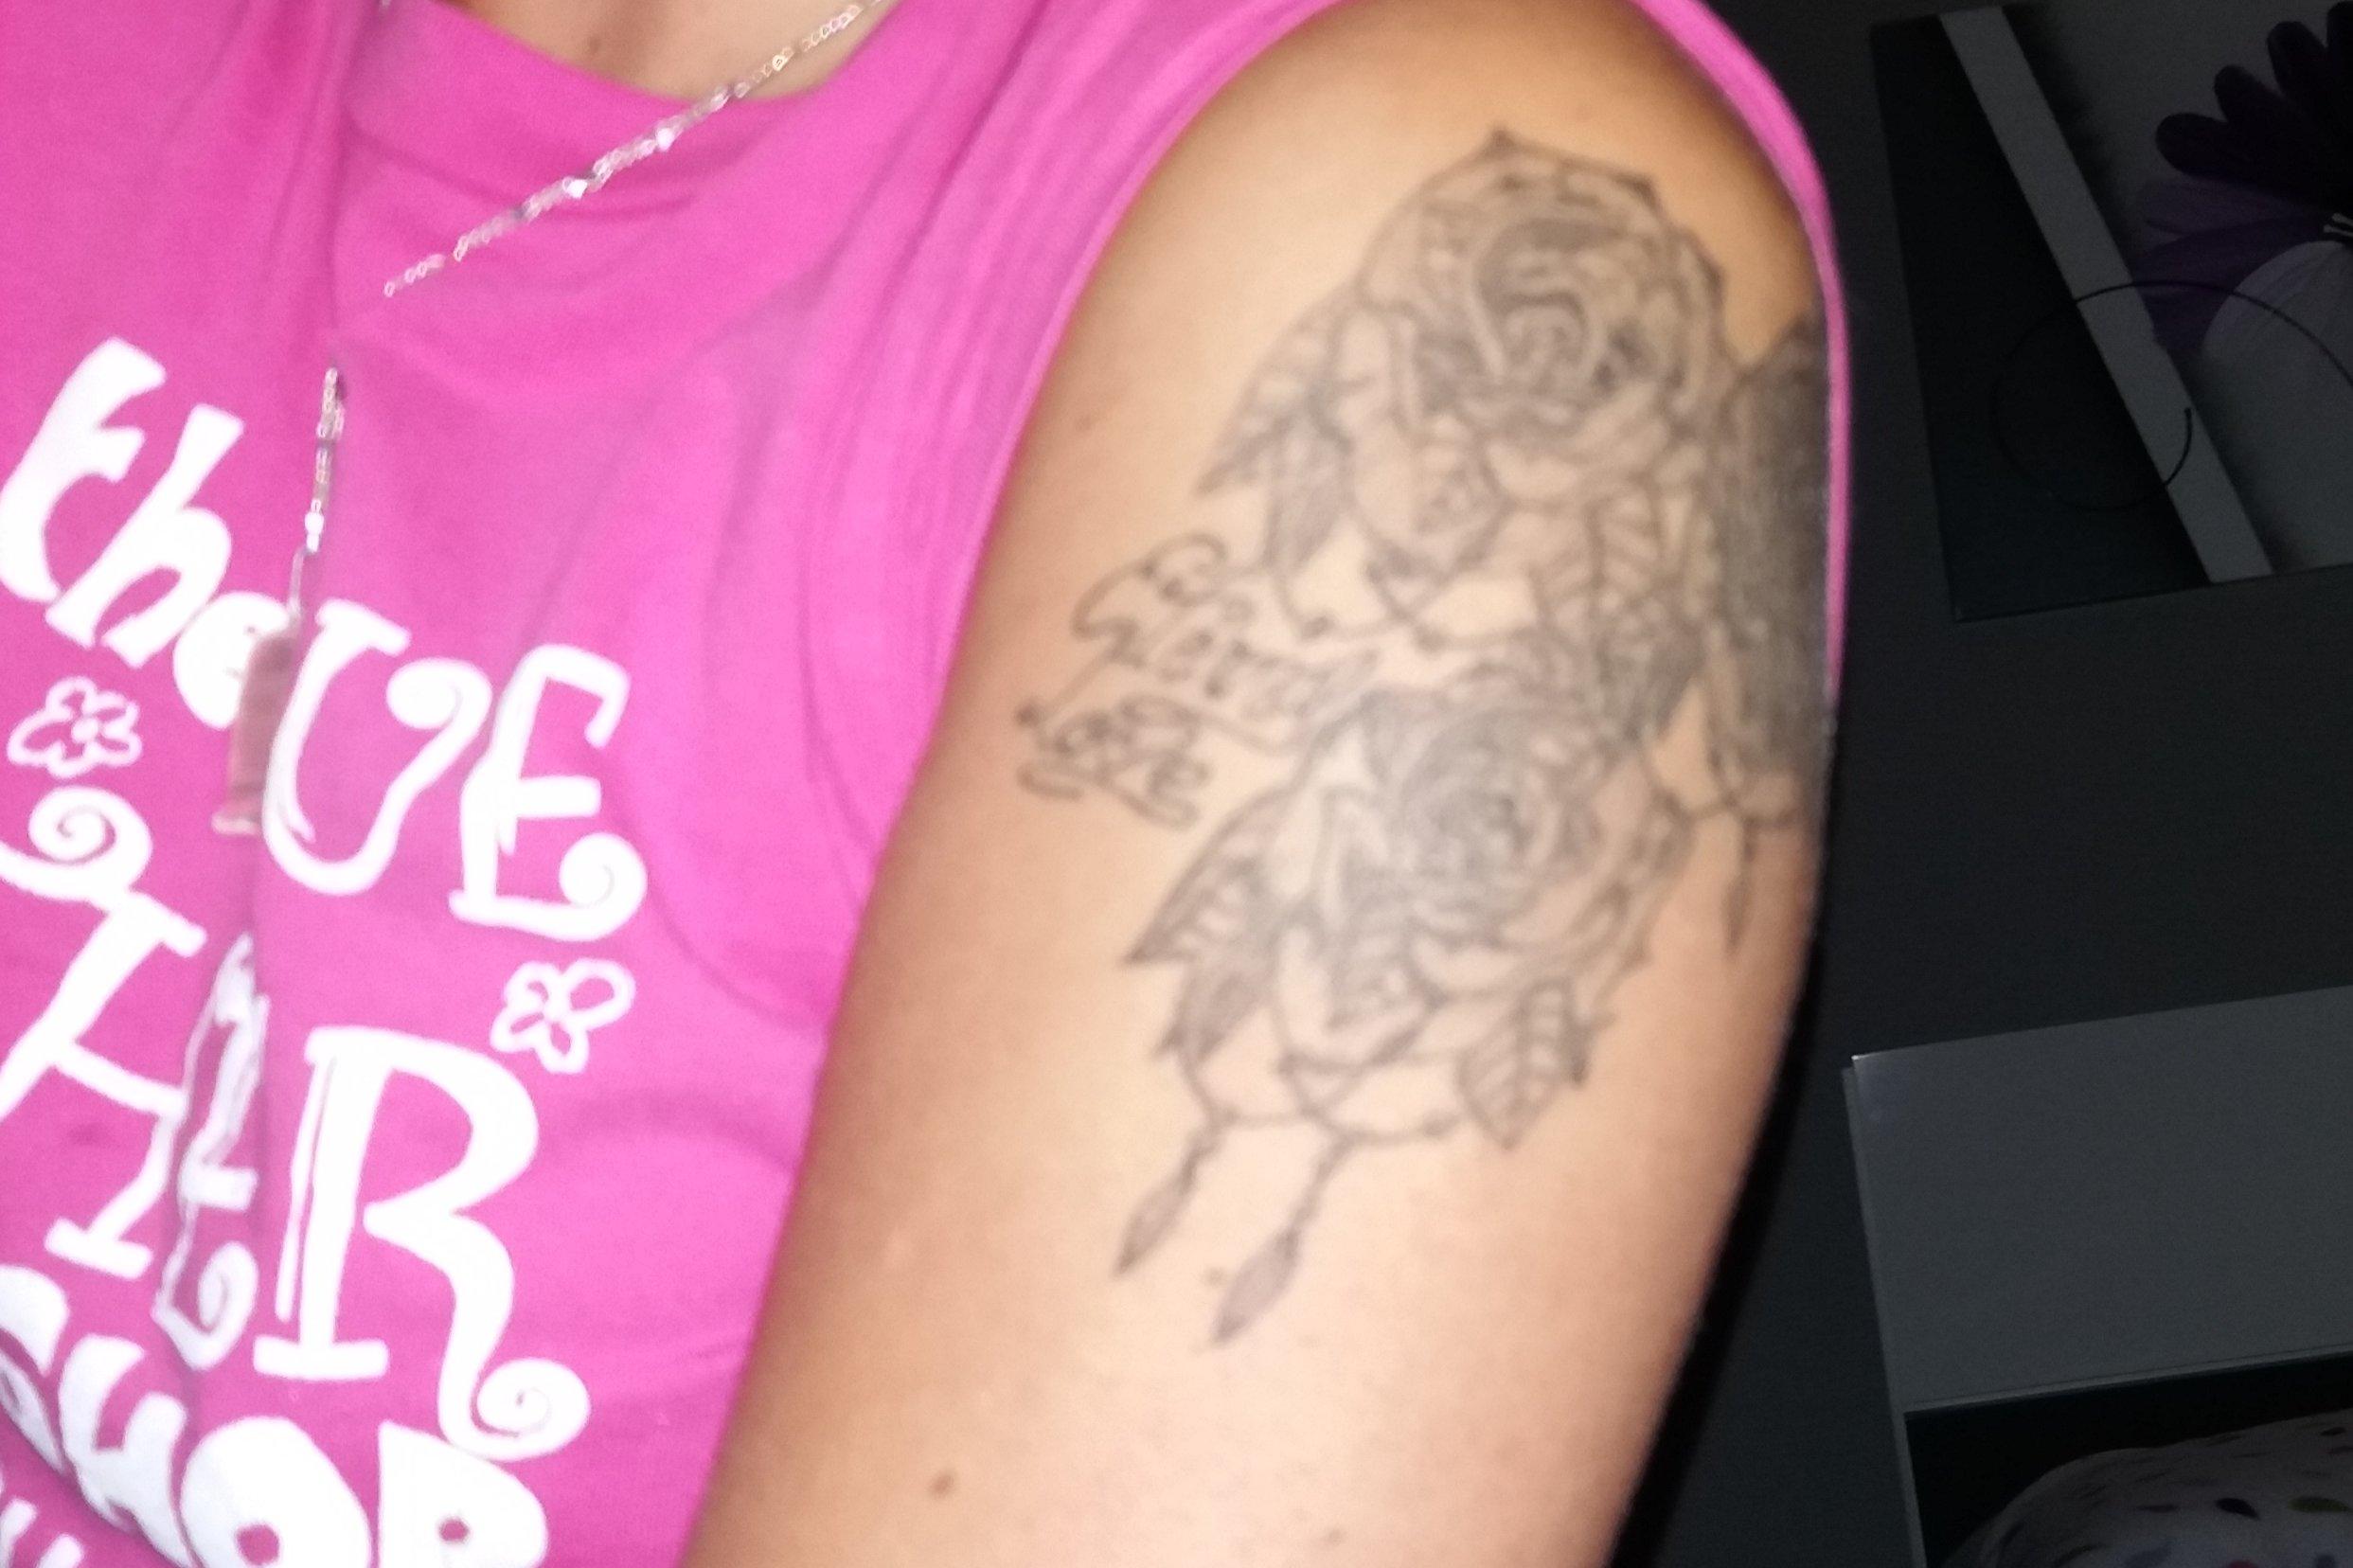 Quisiera saber el presupuesto para borrarme un tatuaje - 1686